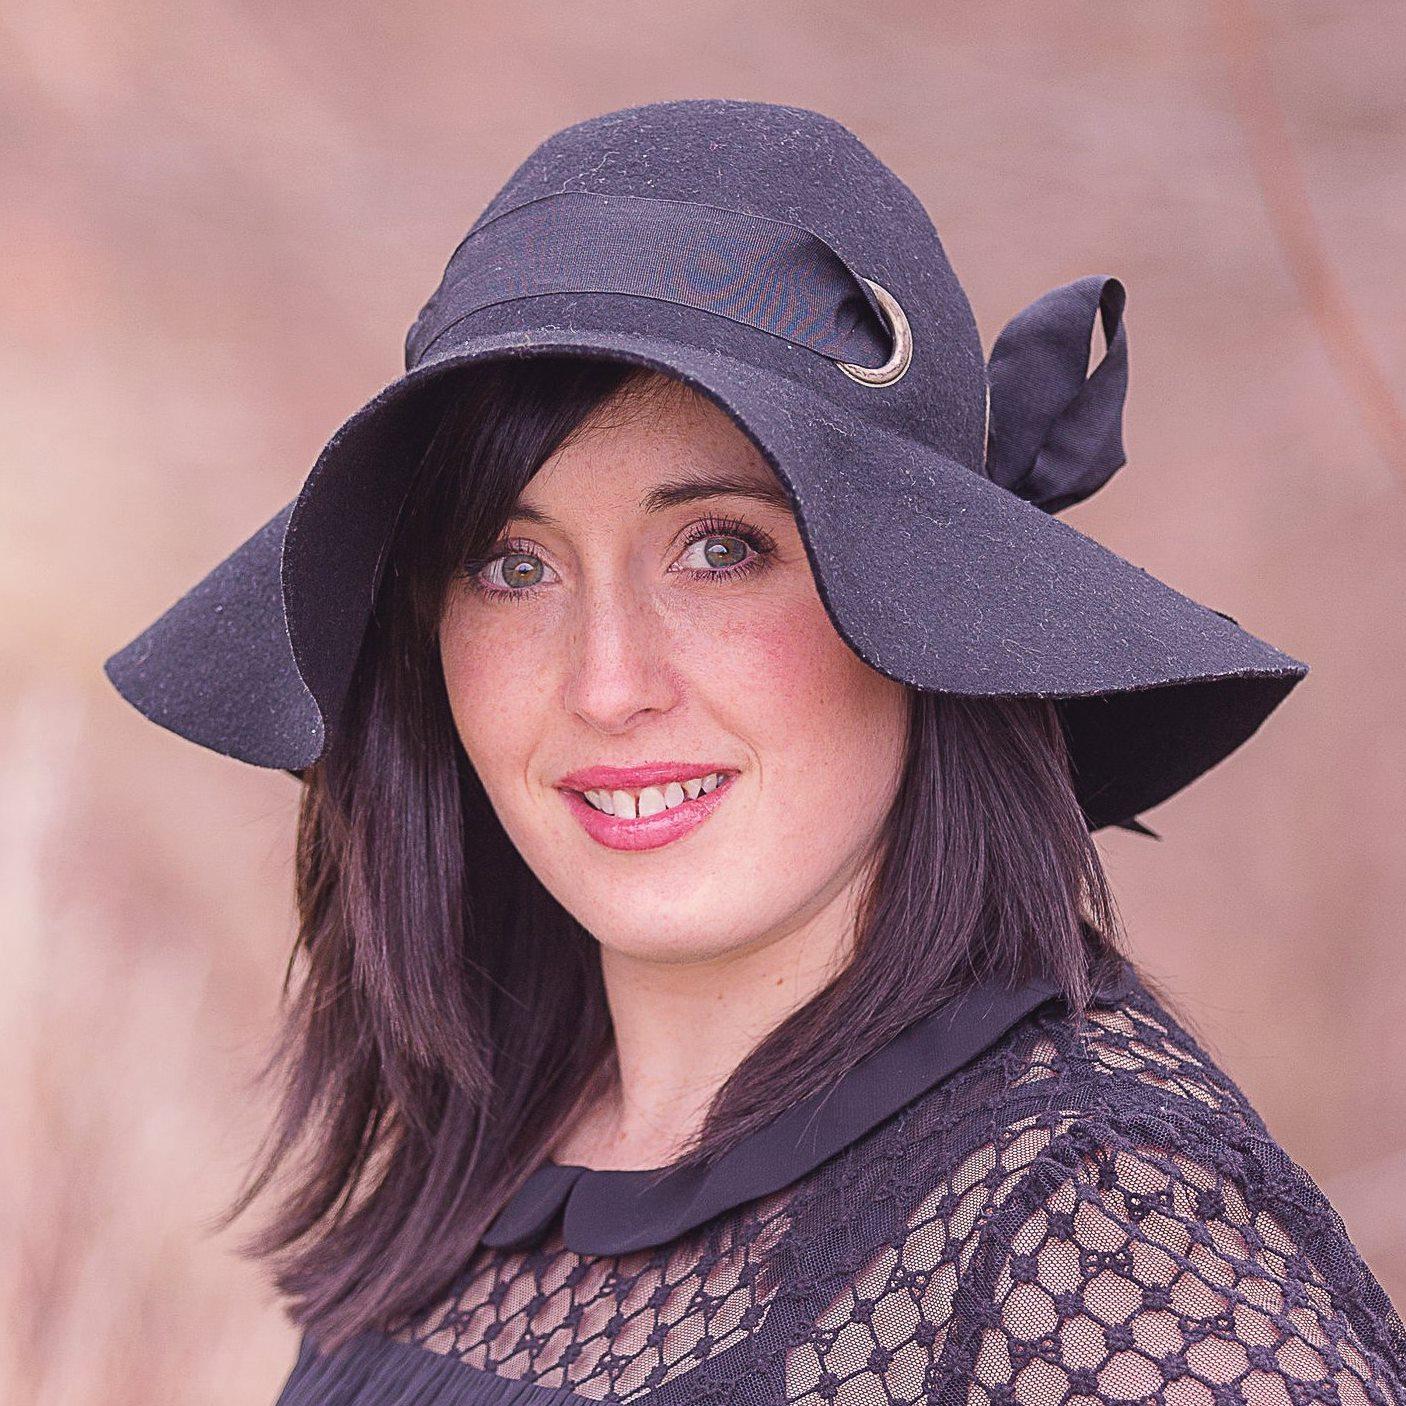 Courtney Ucker